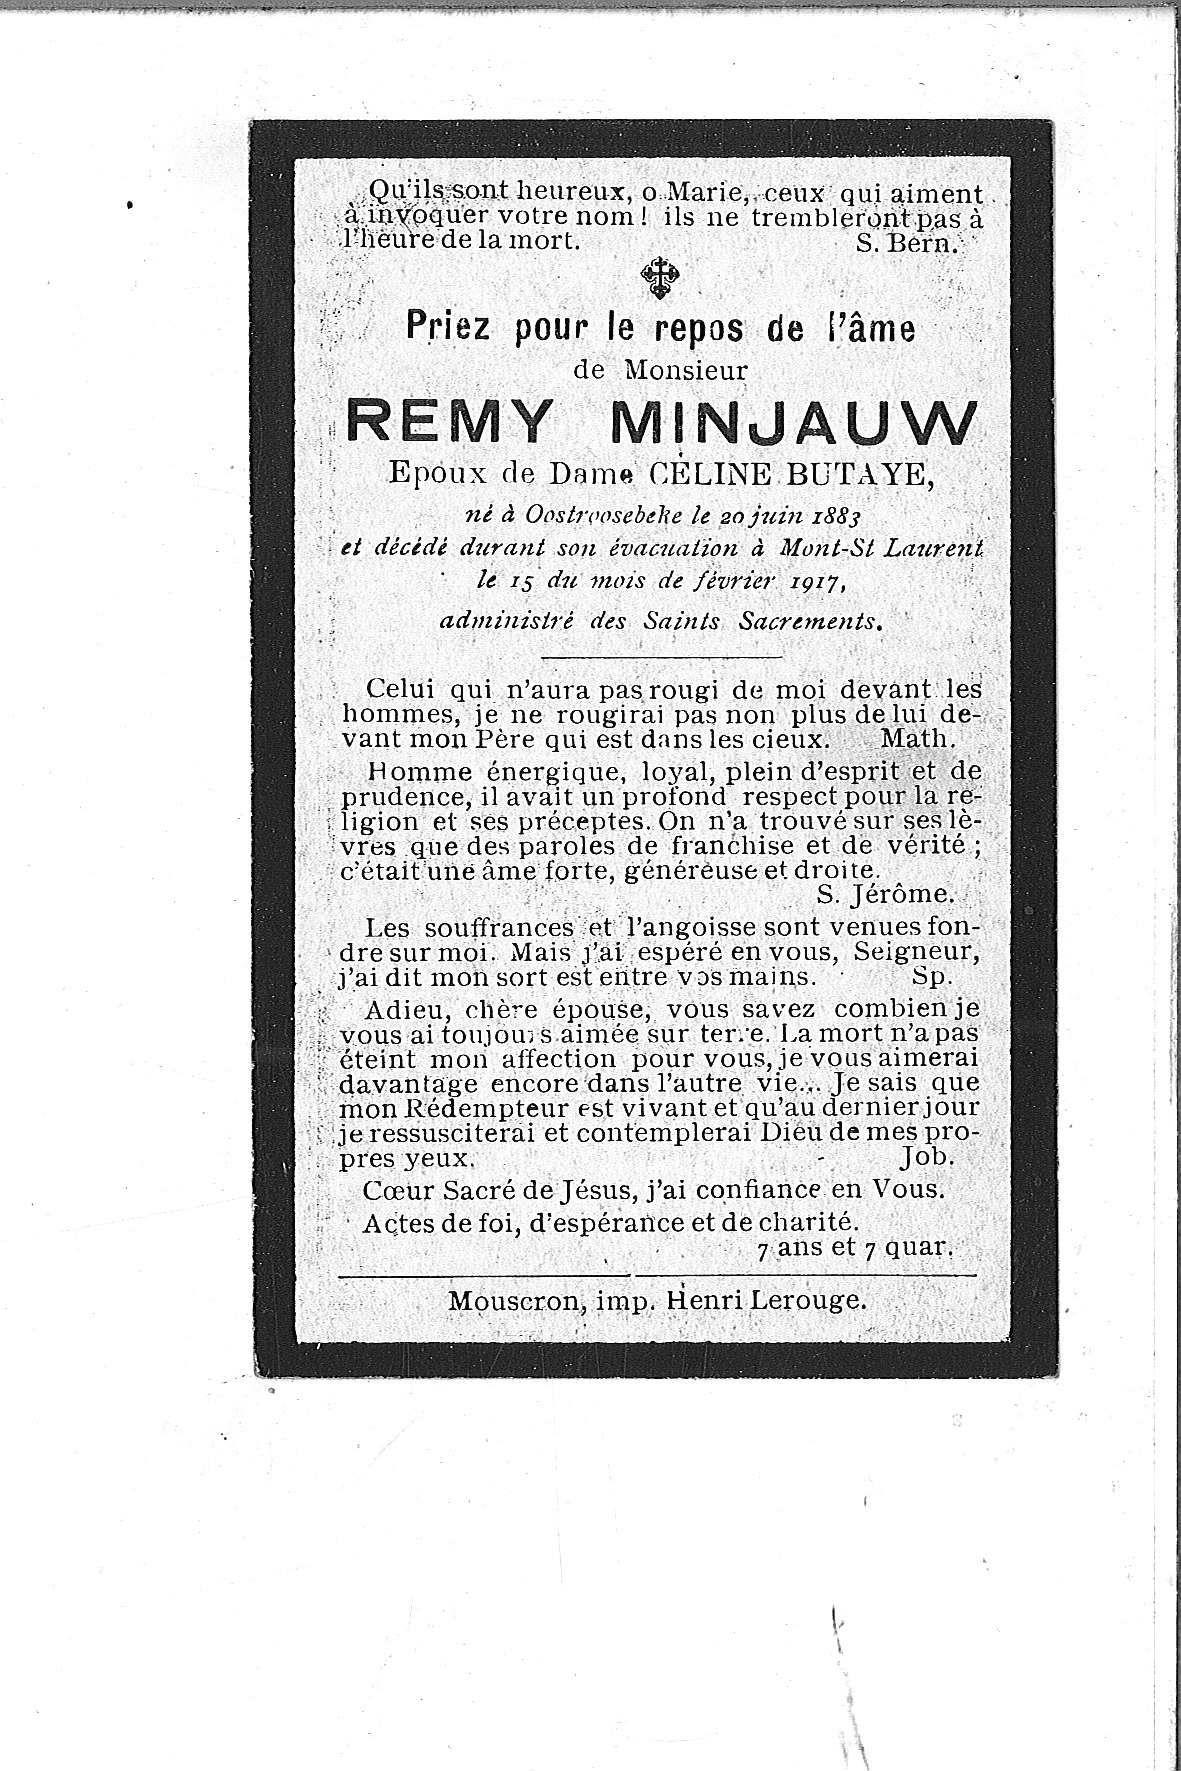 Remy(1917)20140430132205_00086.jpg